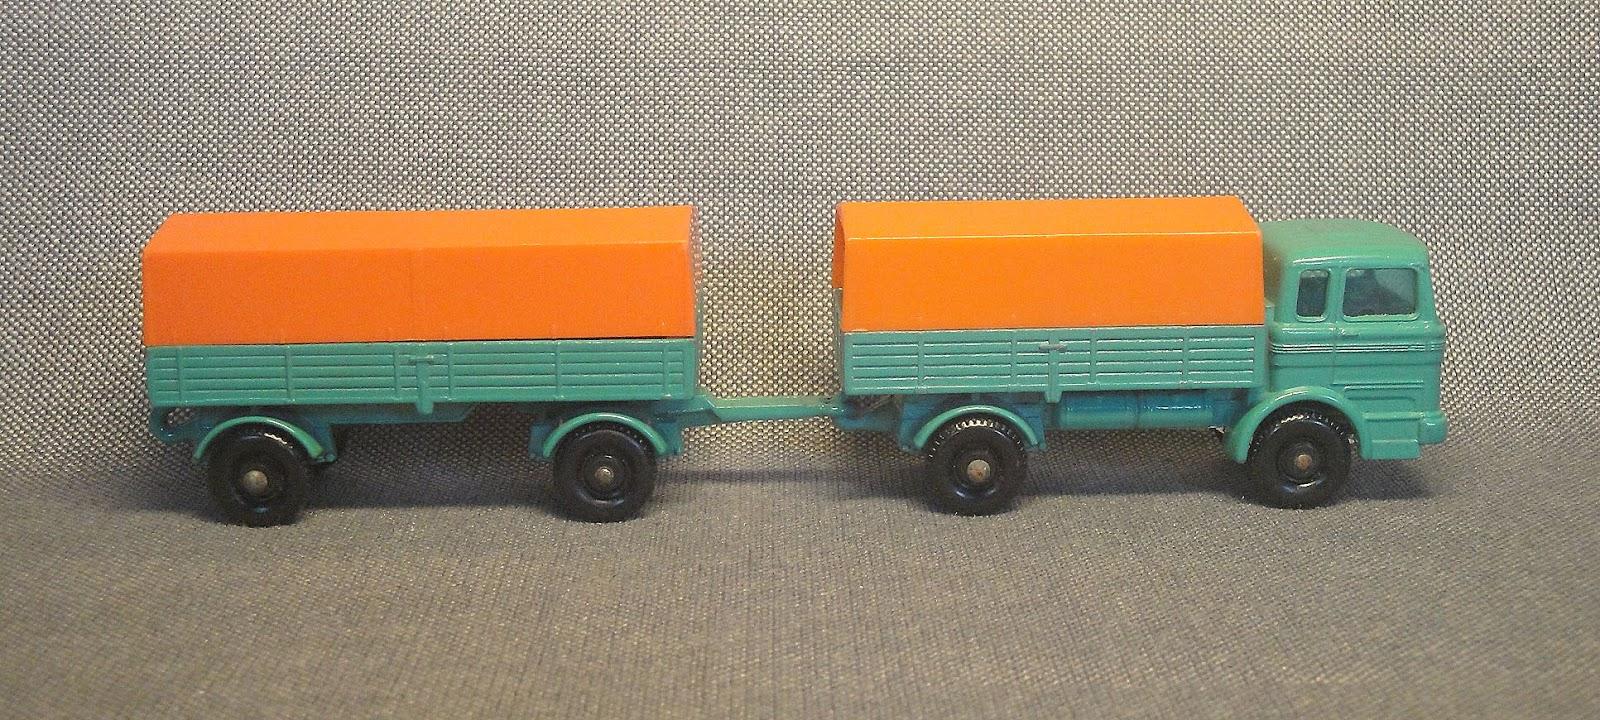 Archivo de autos: Camión y acoplado de Matchbox